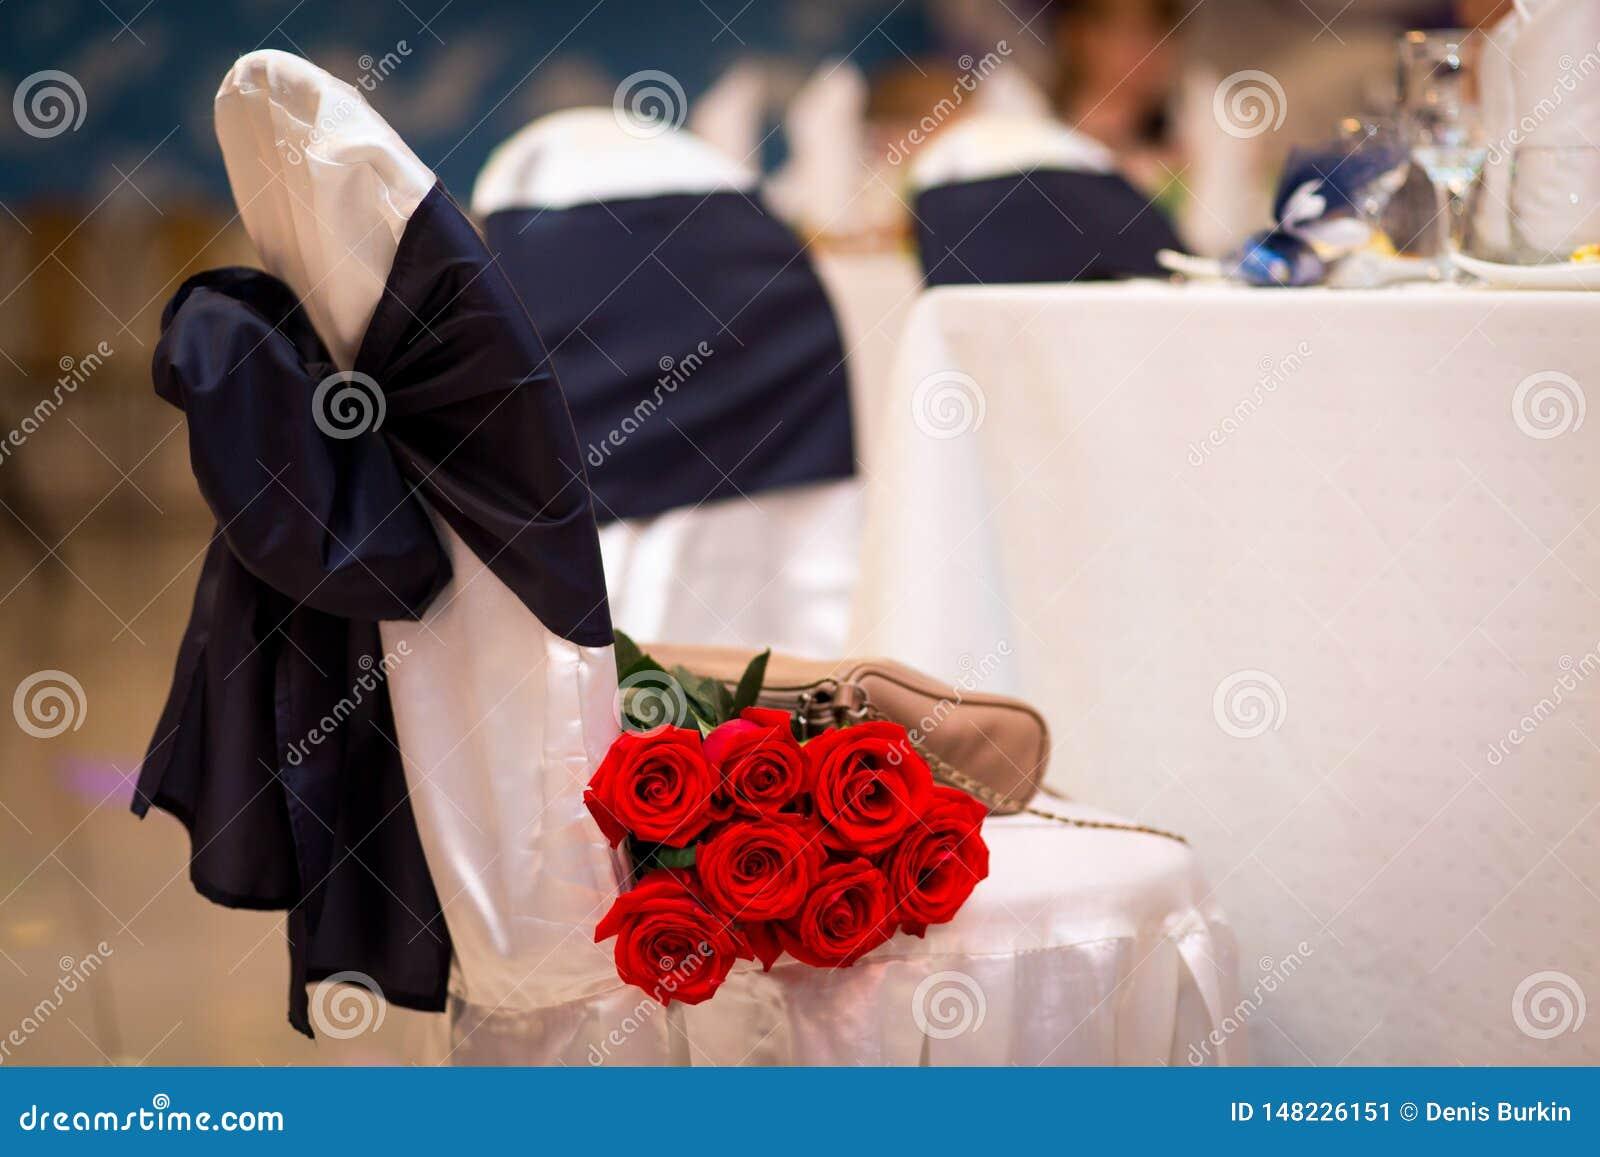 Blumenstrauß von roten Rosen auf einem Stuhl ein Geschenk an der Hochzeit Blumen als Geschenk Heiratsdekoration des Restaurants